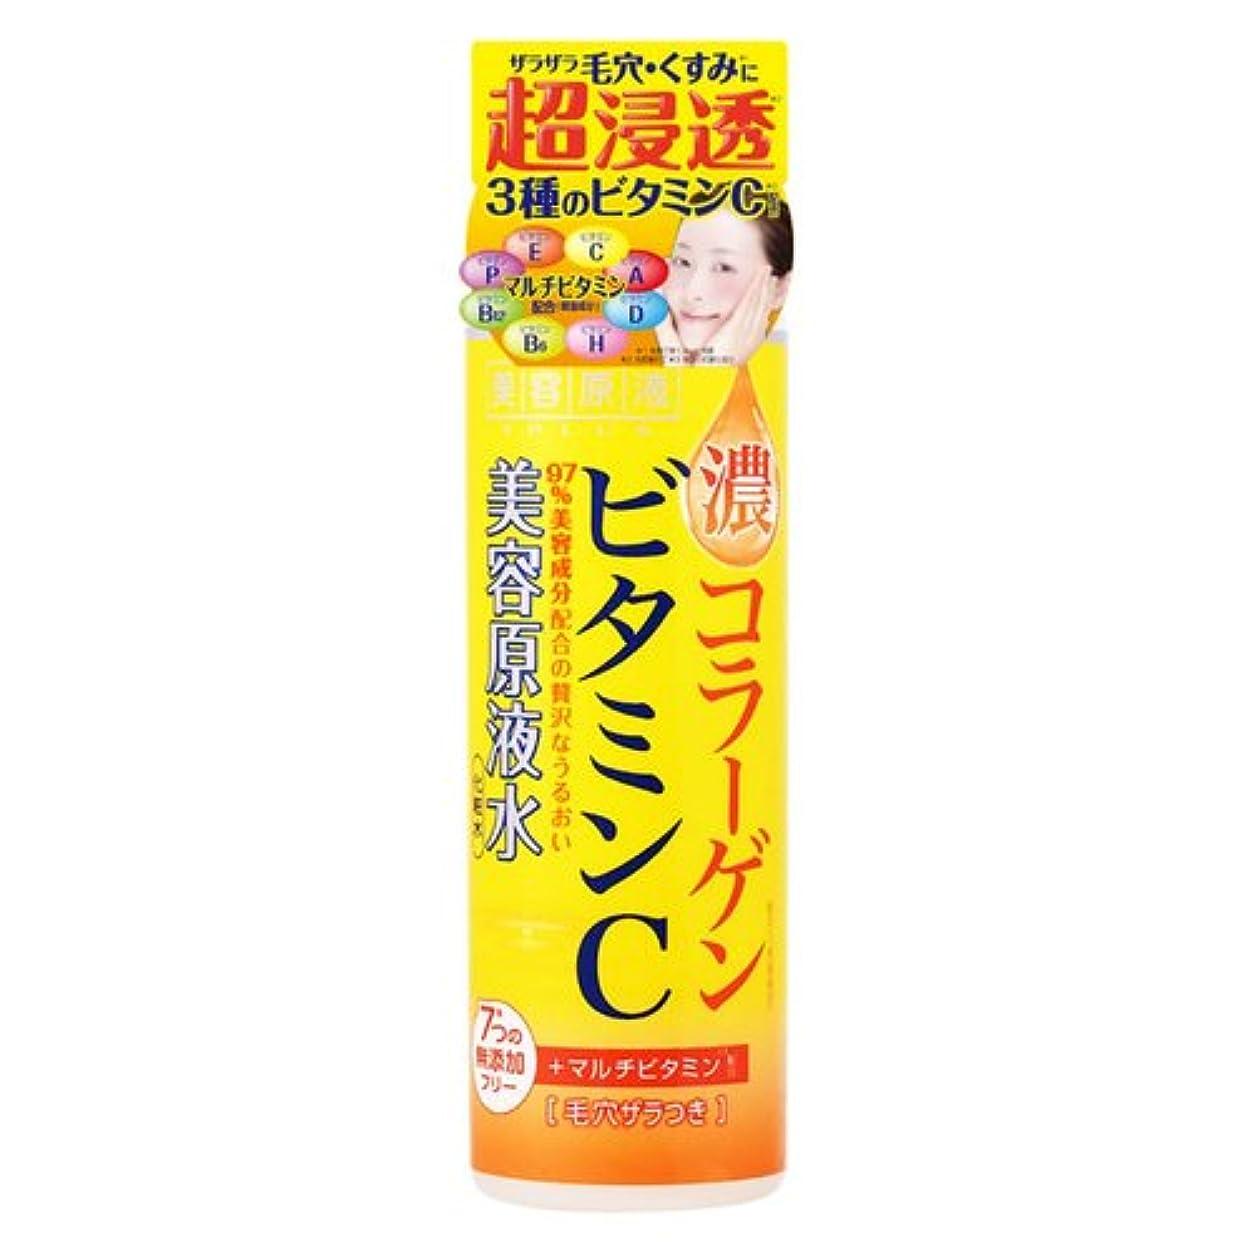 軽減に対して変更可能美容原液 超潤化粧水VC 185mL